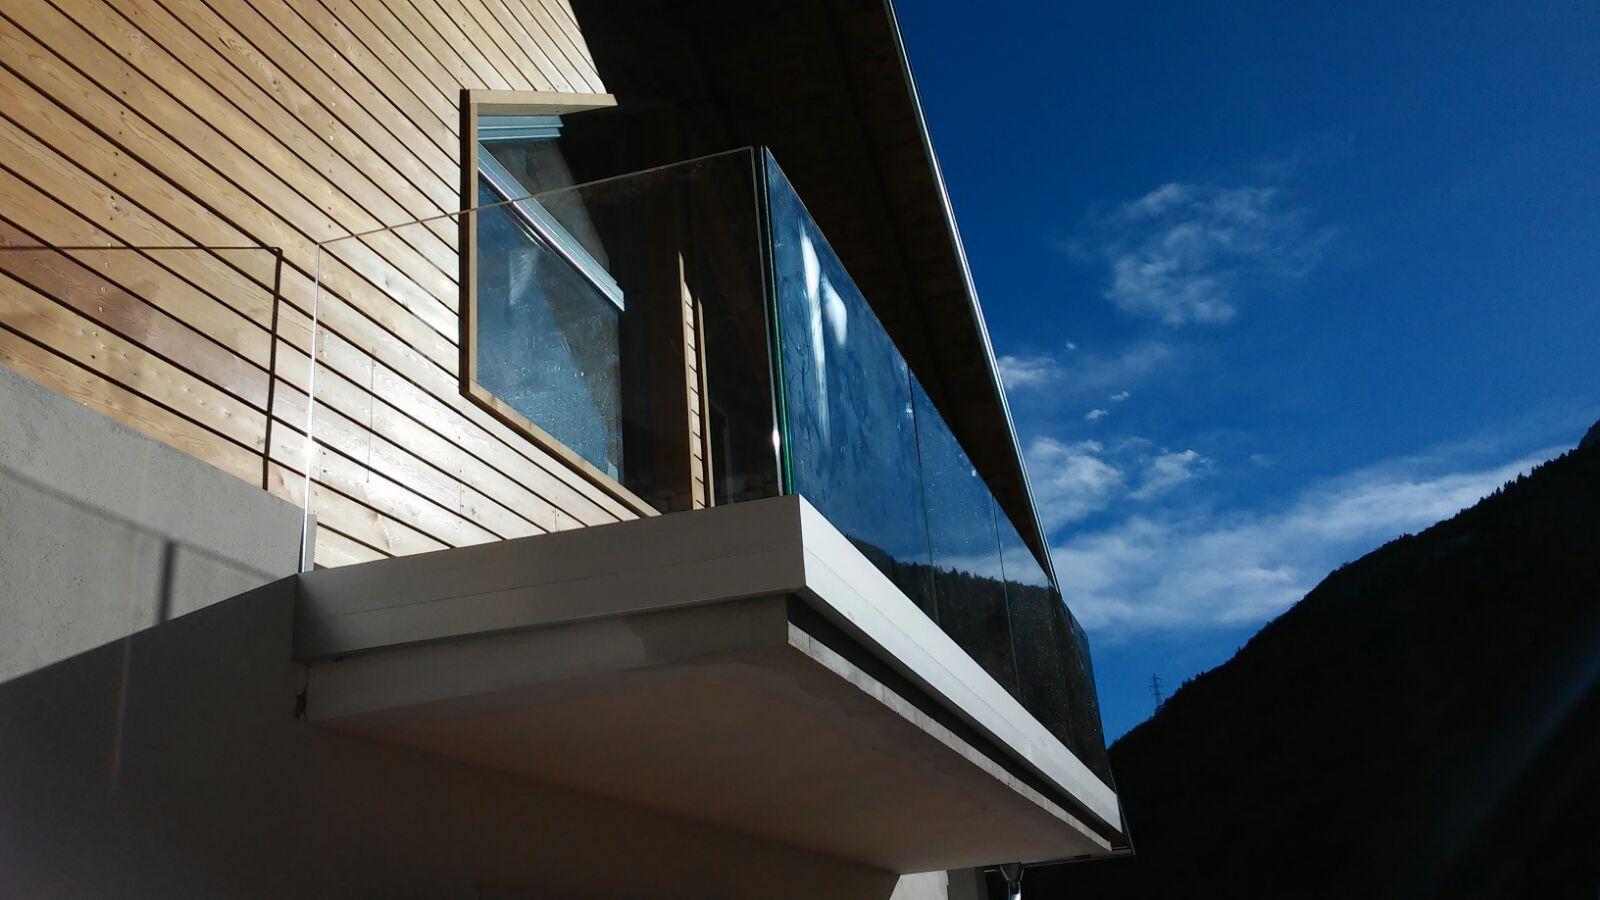 vetreria gottardi, parapetto in vetro, parapetto in vetro temperato, parapetto per esterno, parapetto per esterni